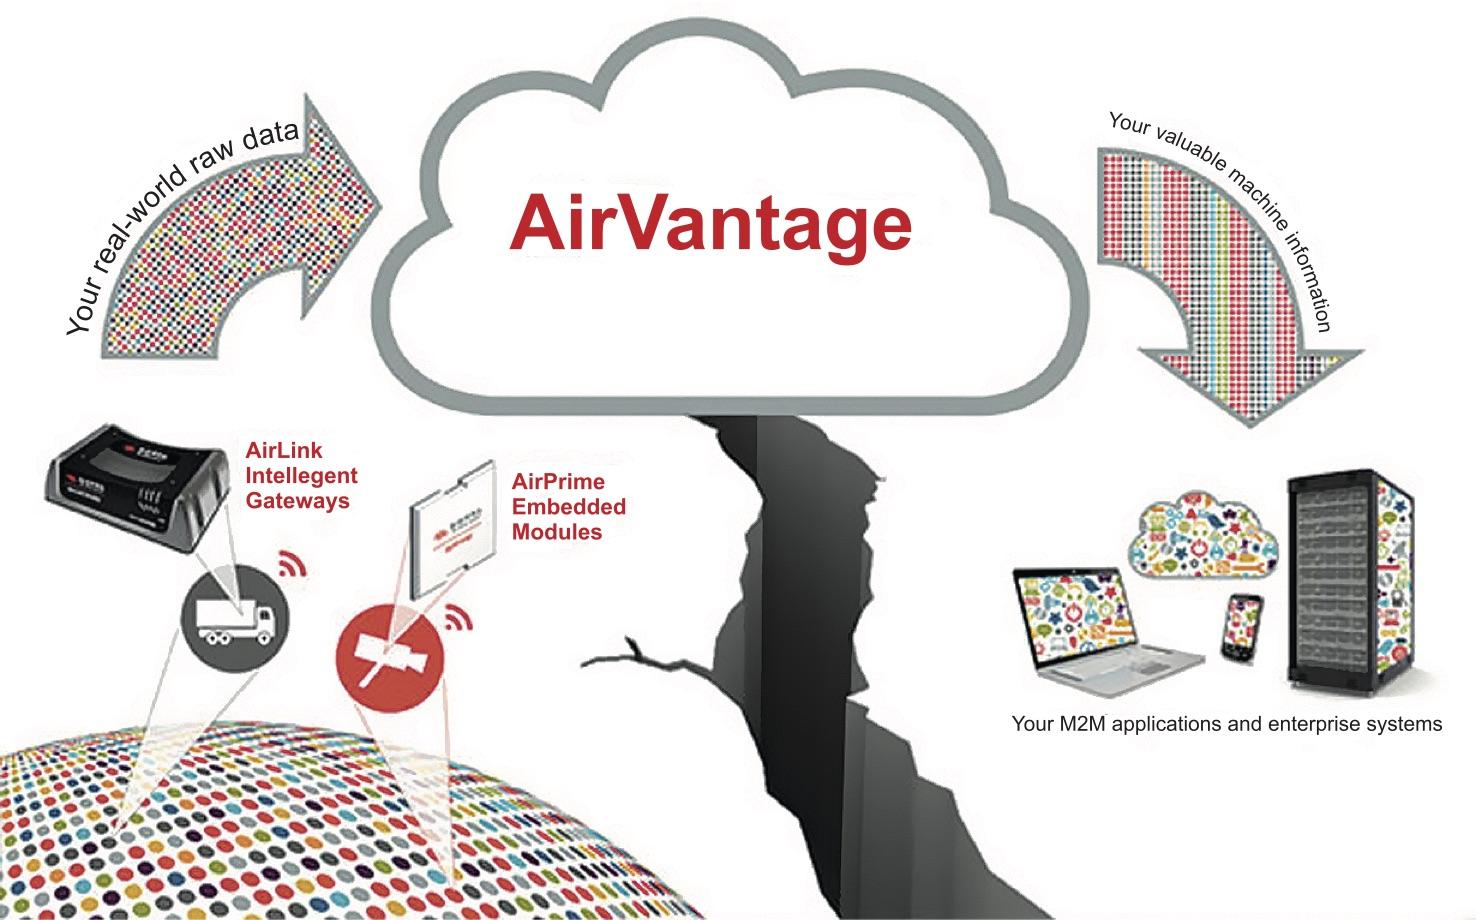 Главная страница веб-сервиса Sierra Wireless AirVantage